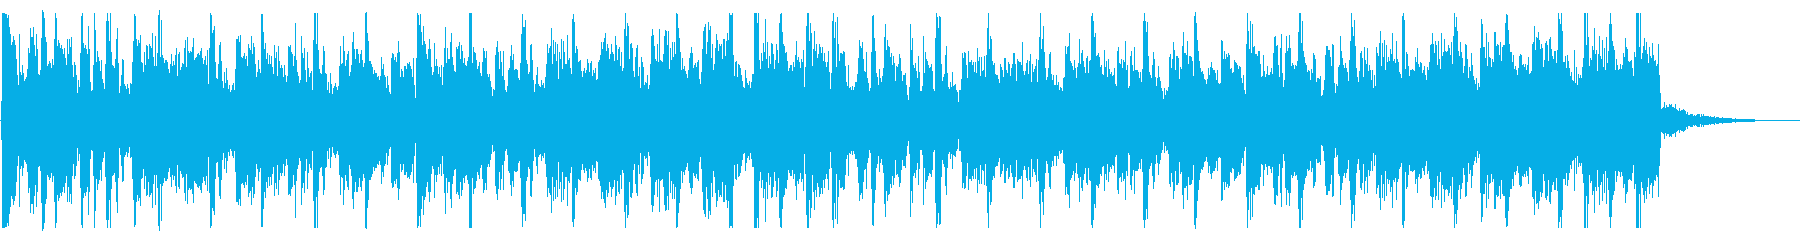 近未来的サイバーBGM_No622_4の再生済みの波形